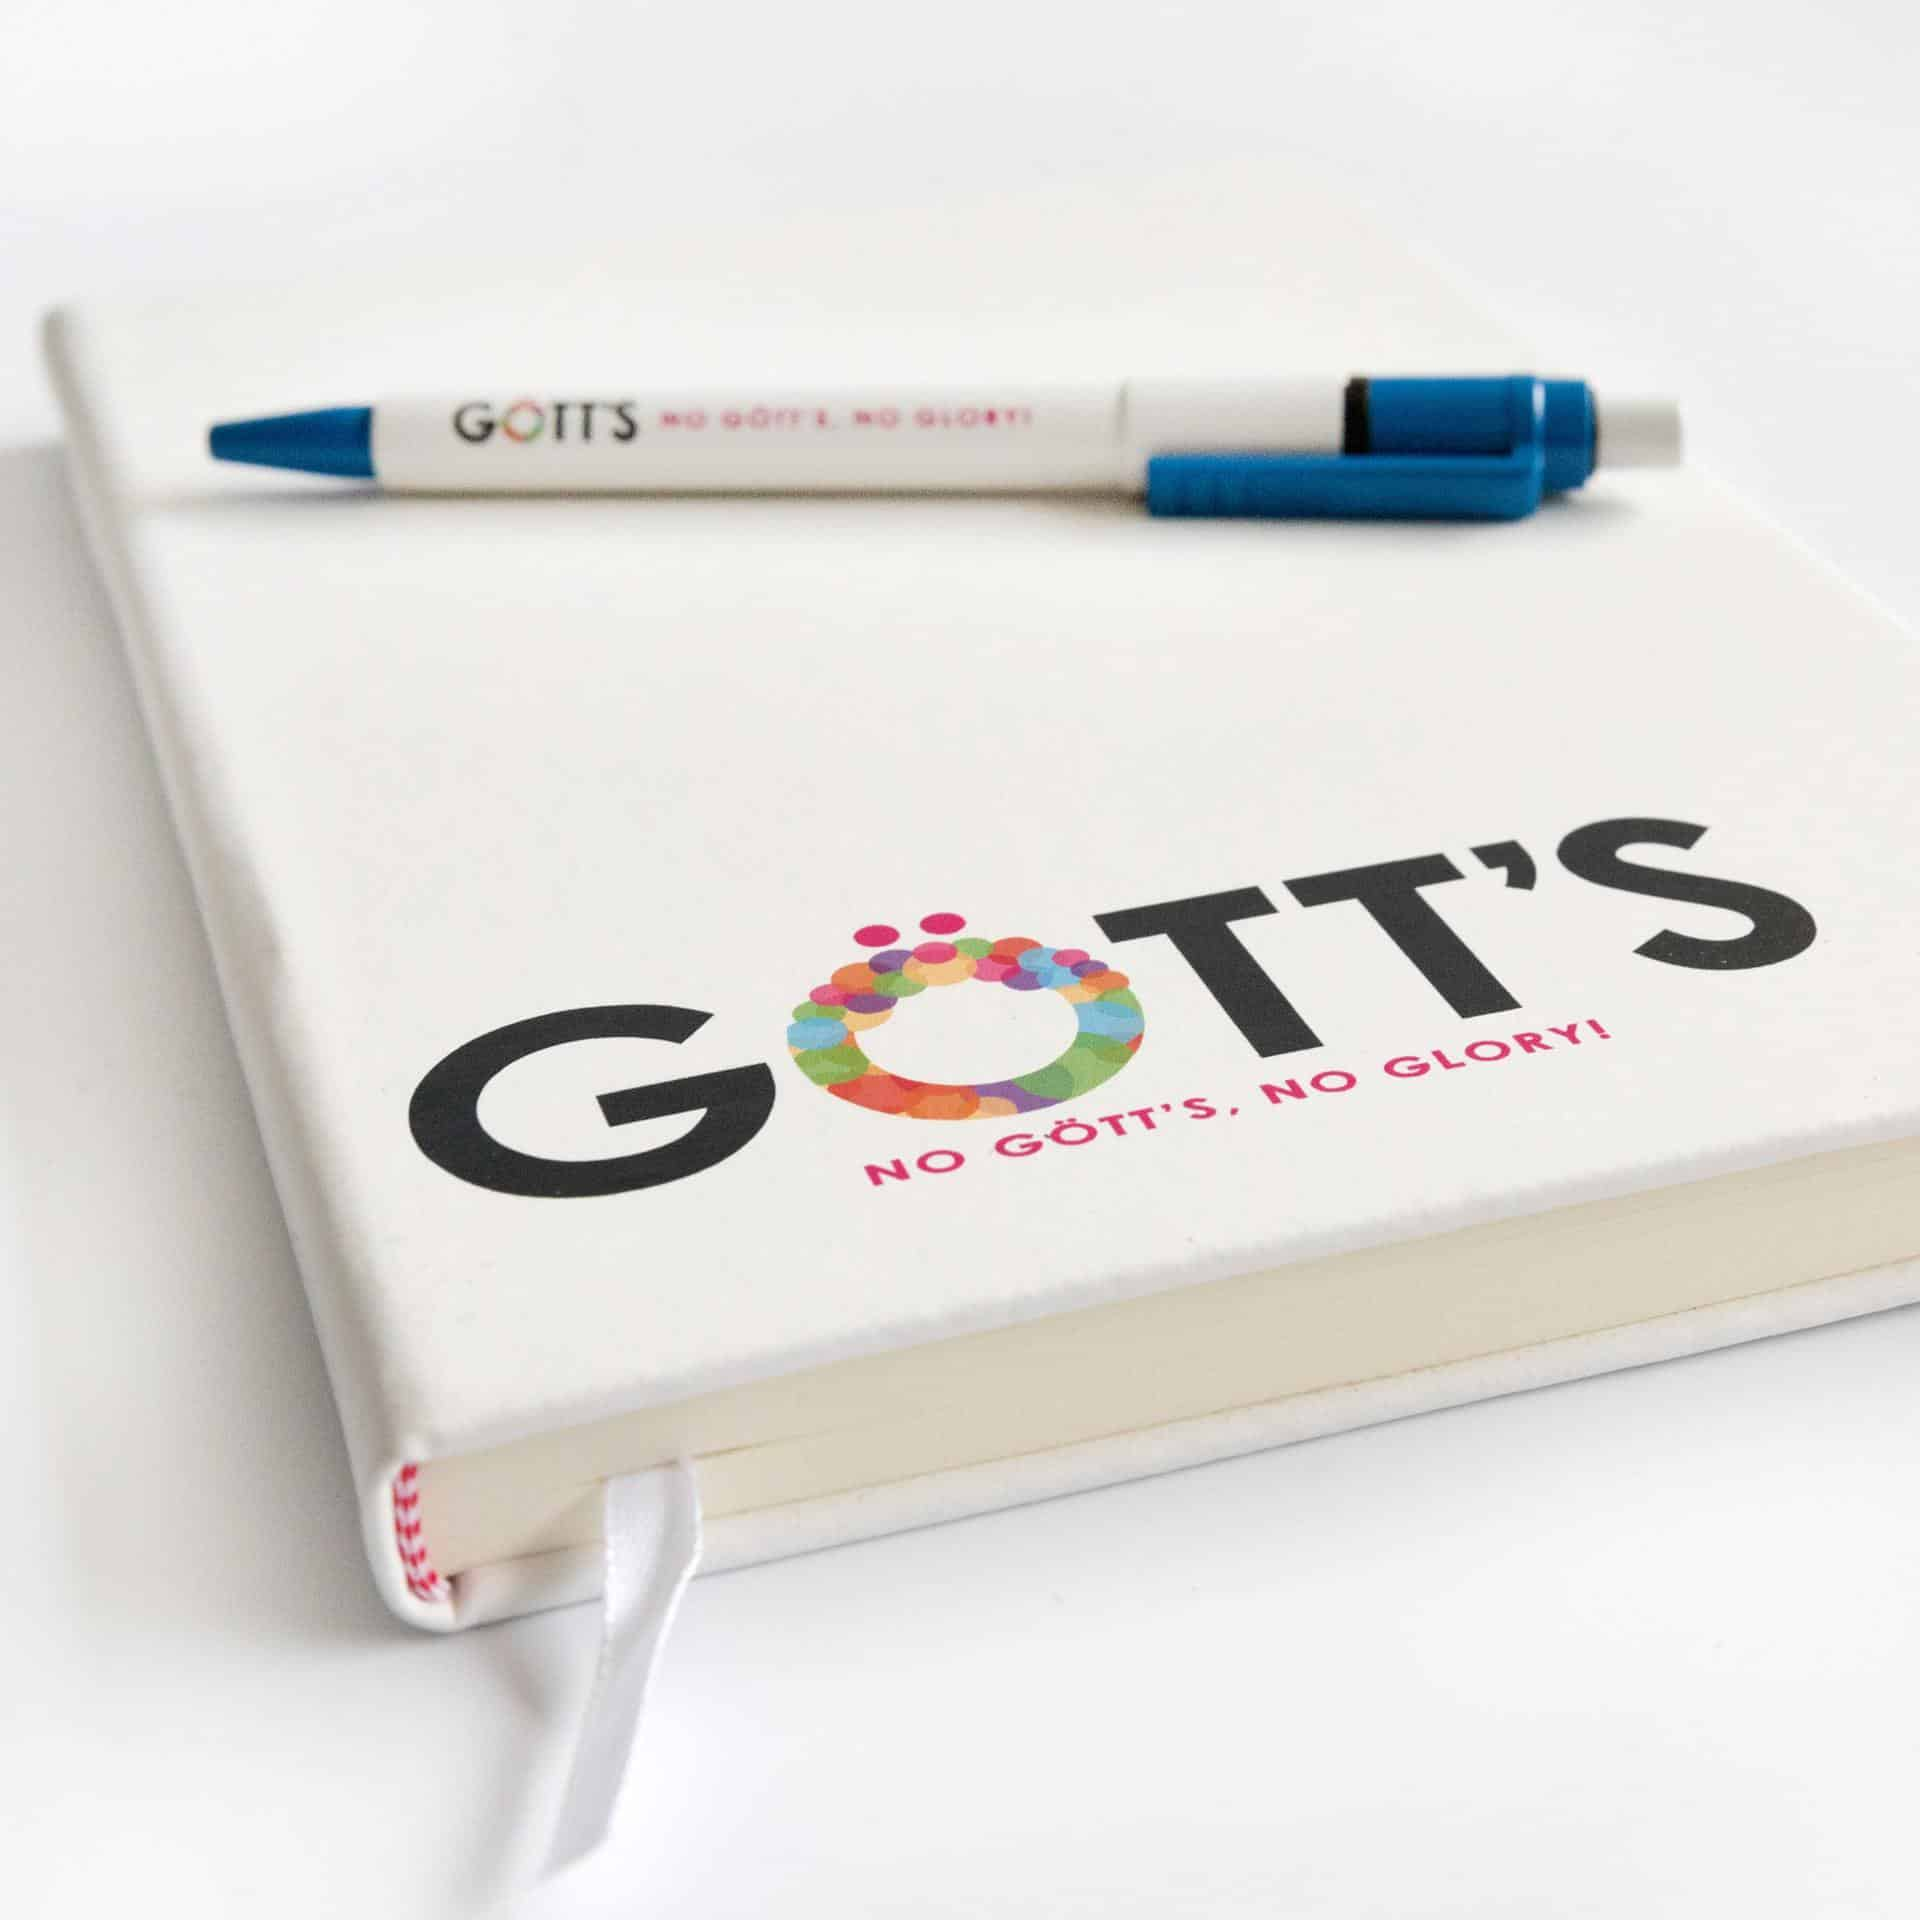 Contact met GÖTT'S